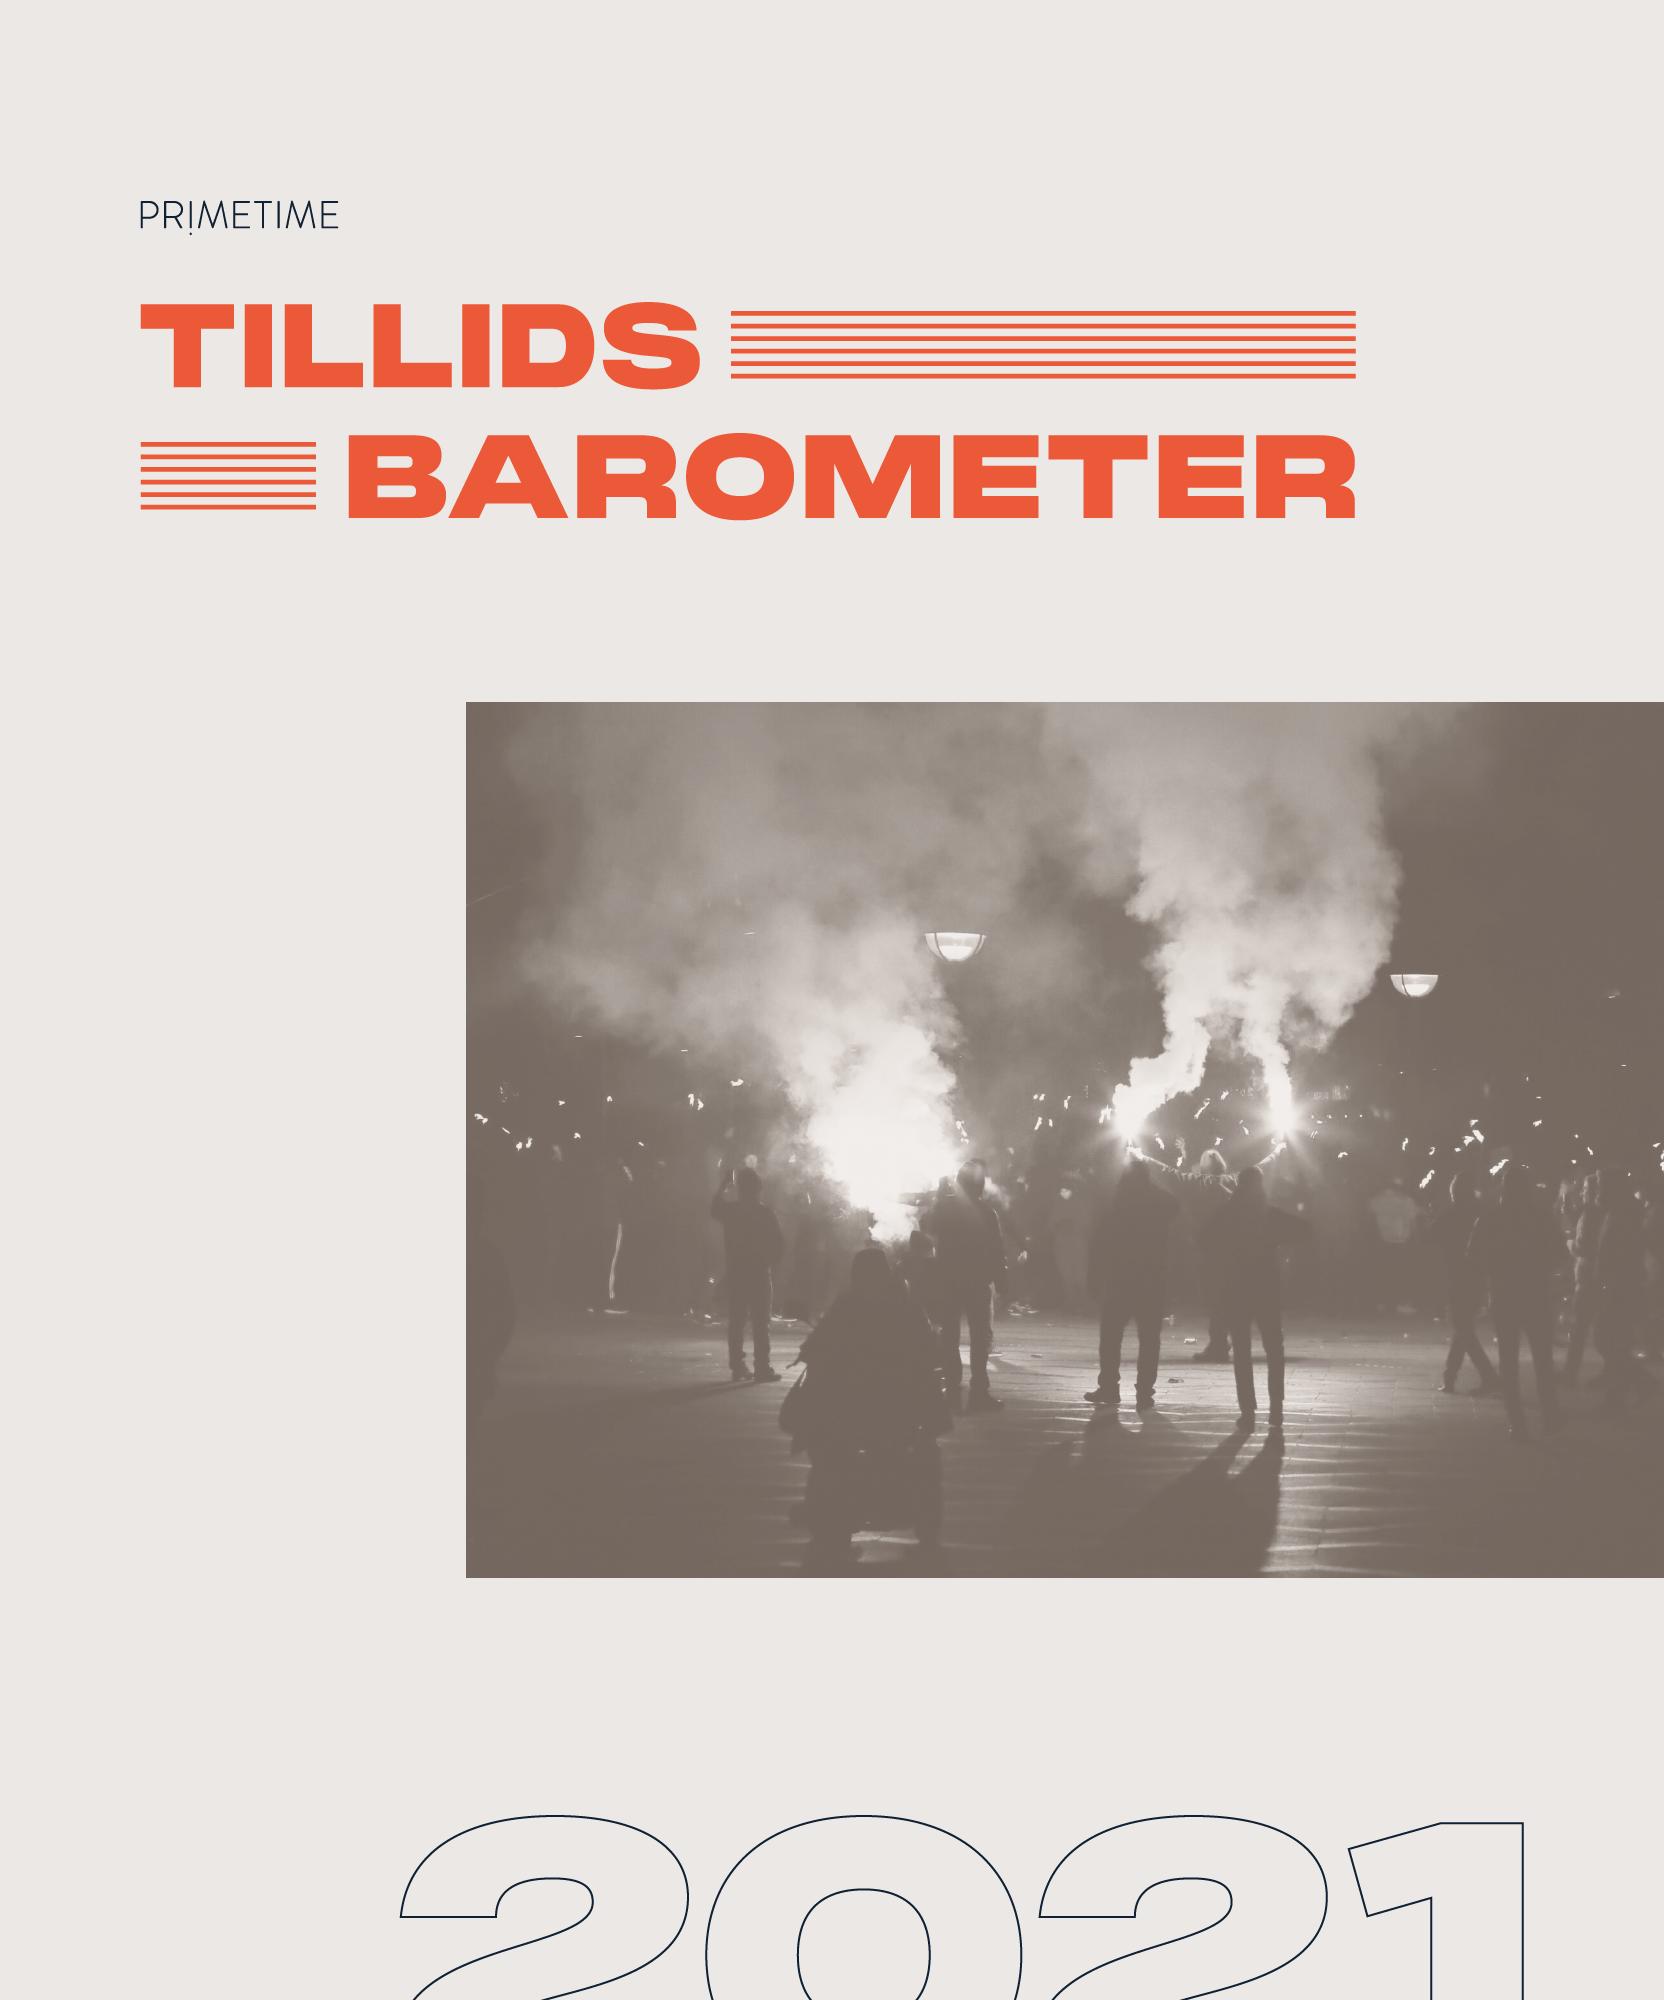 Billede af forsiden på Primetime's tillidsbaromenter